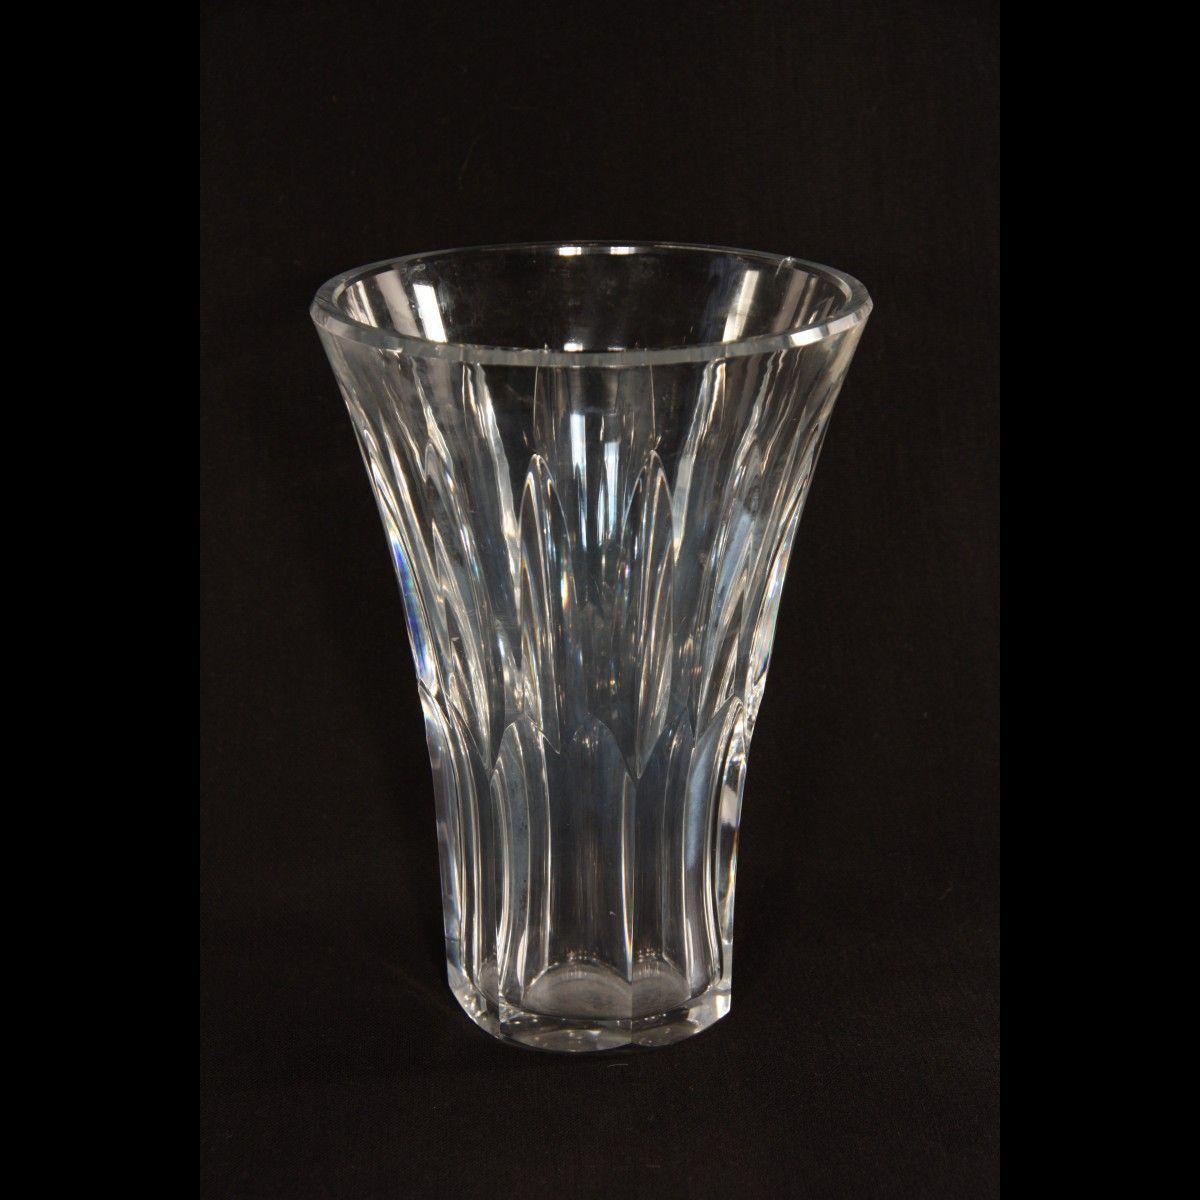 Jolie vase en cristal de baccarat fabriqu en france crystal jolie vase en cristal de baccarat fabriqu en france floridaeventfo Image collections